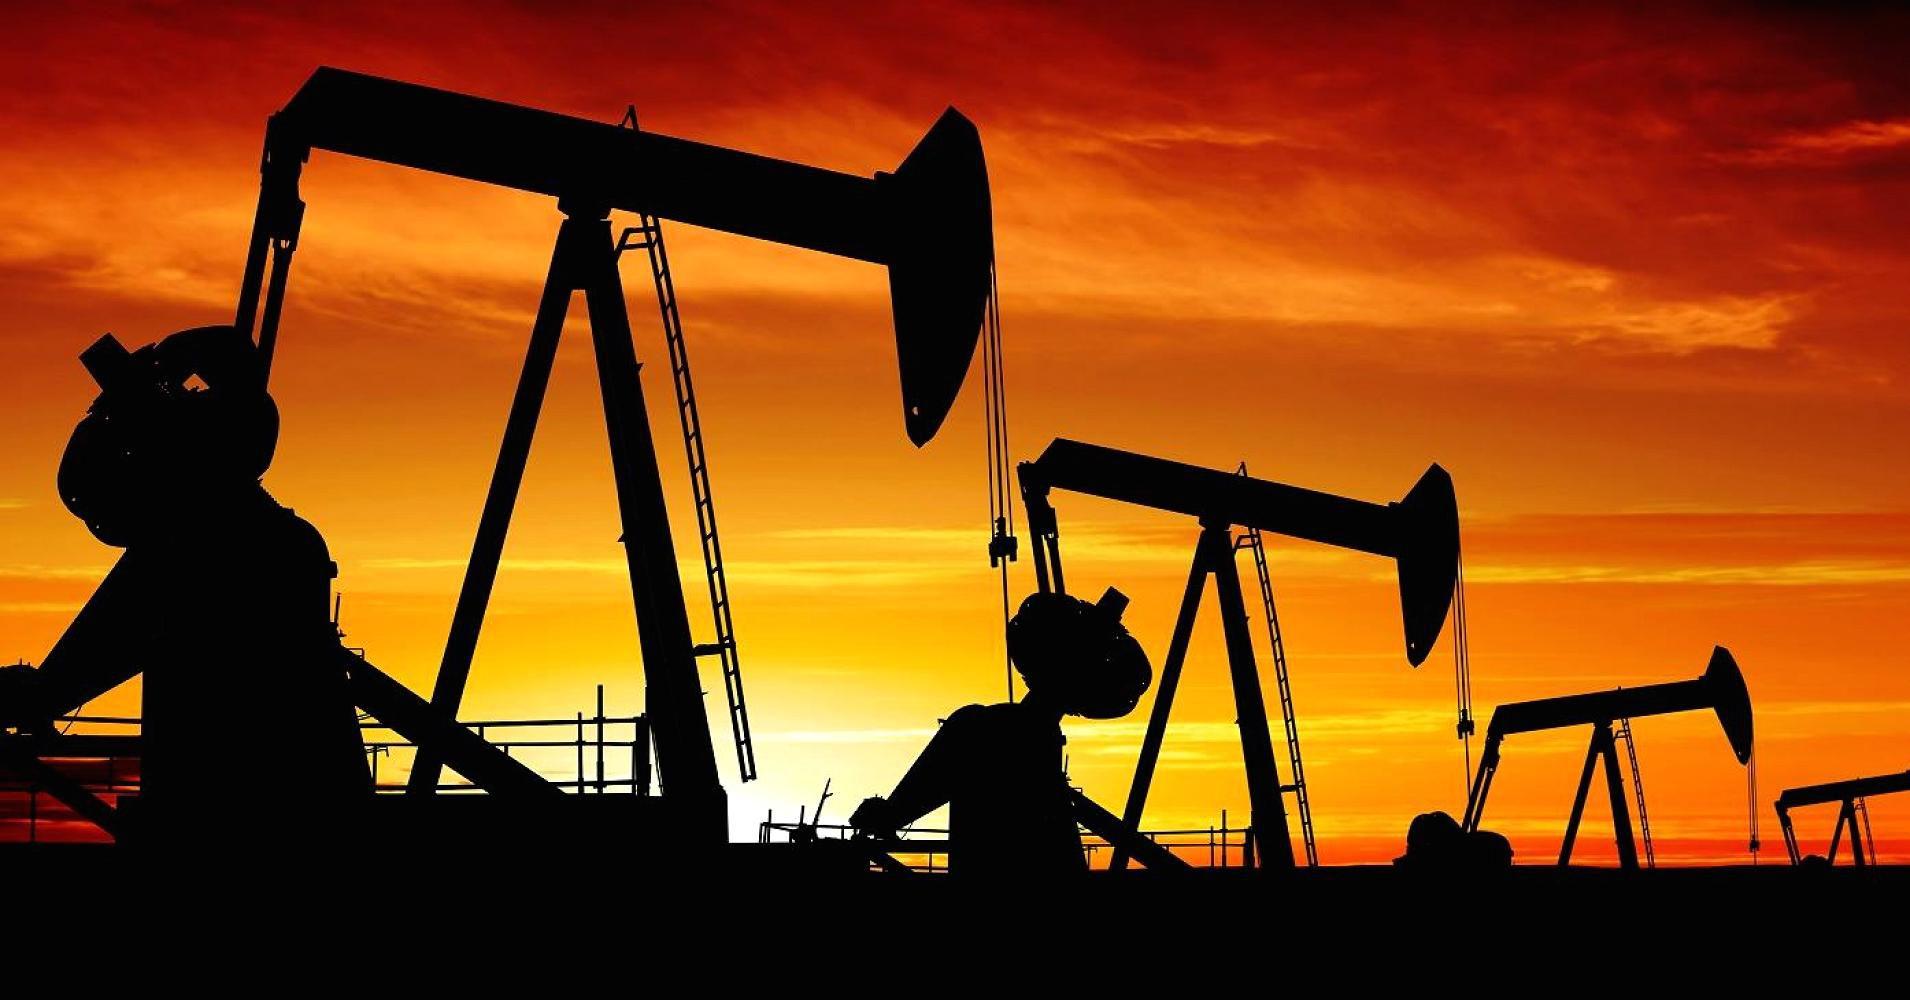 فروش نفت ایران به دوران پیش از تحریم بازمیگردد؟